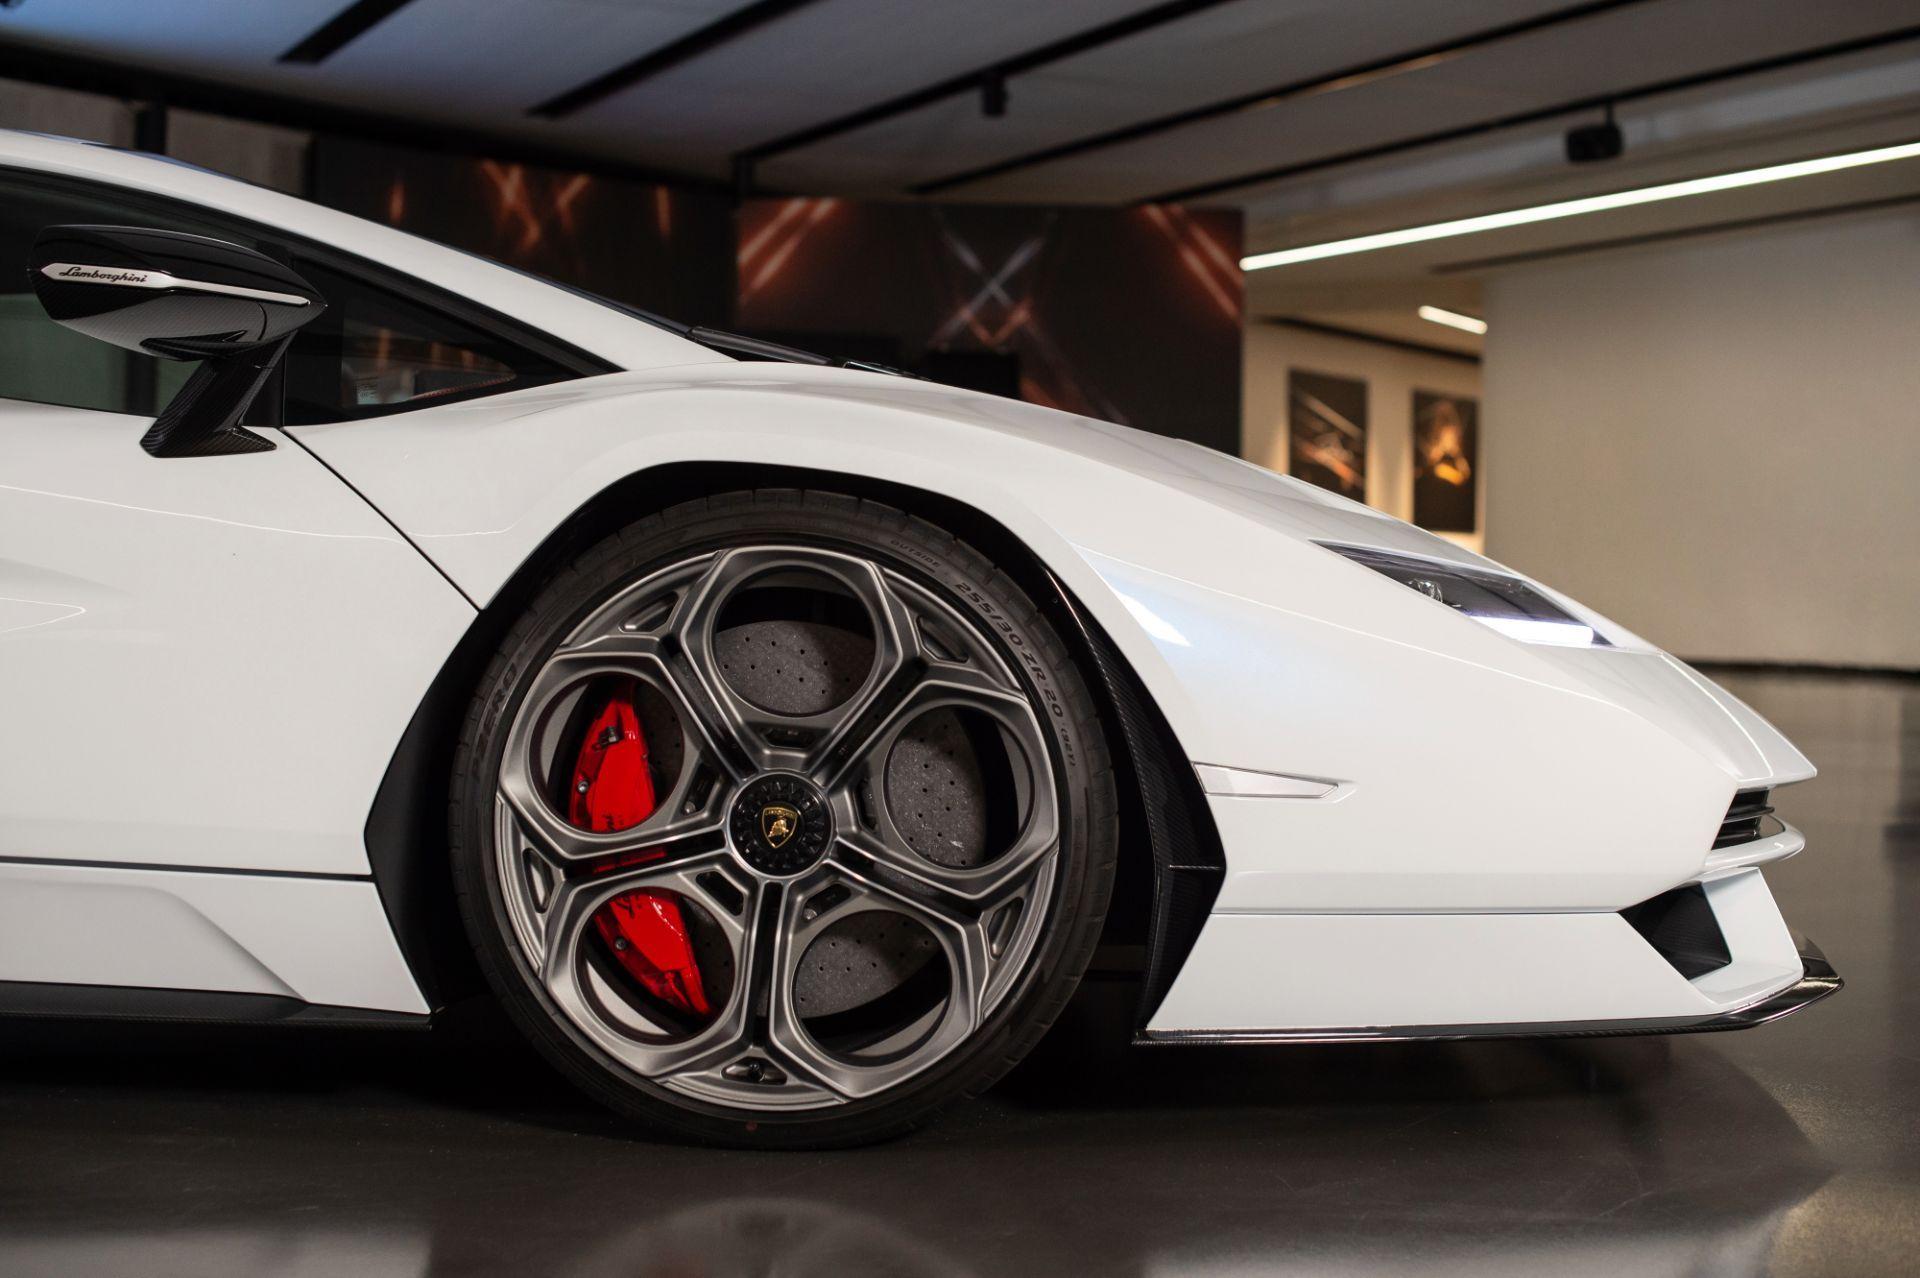 Lamborghini-Countach-LPI-800-4-8